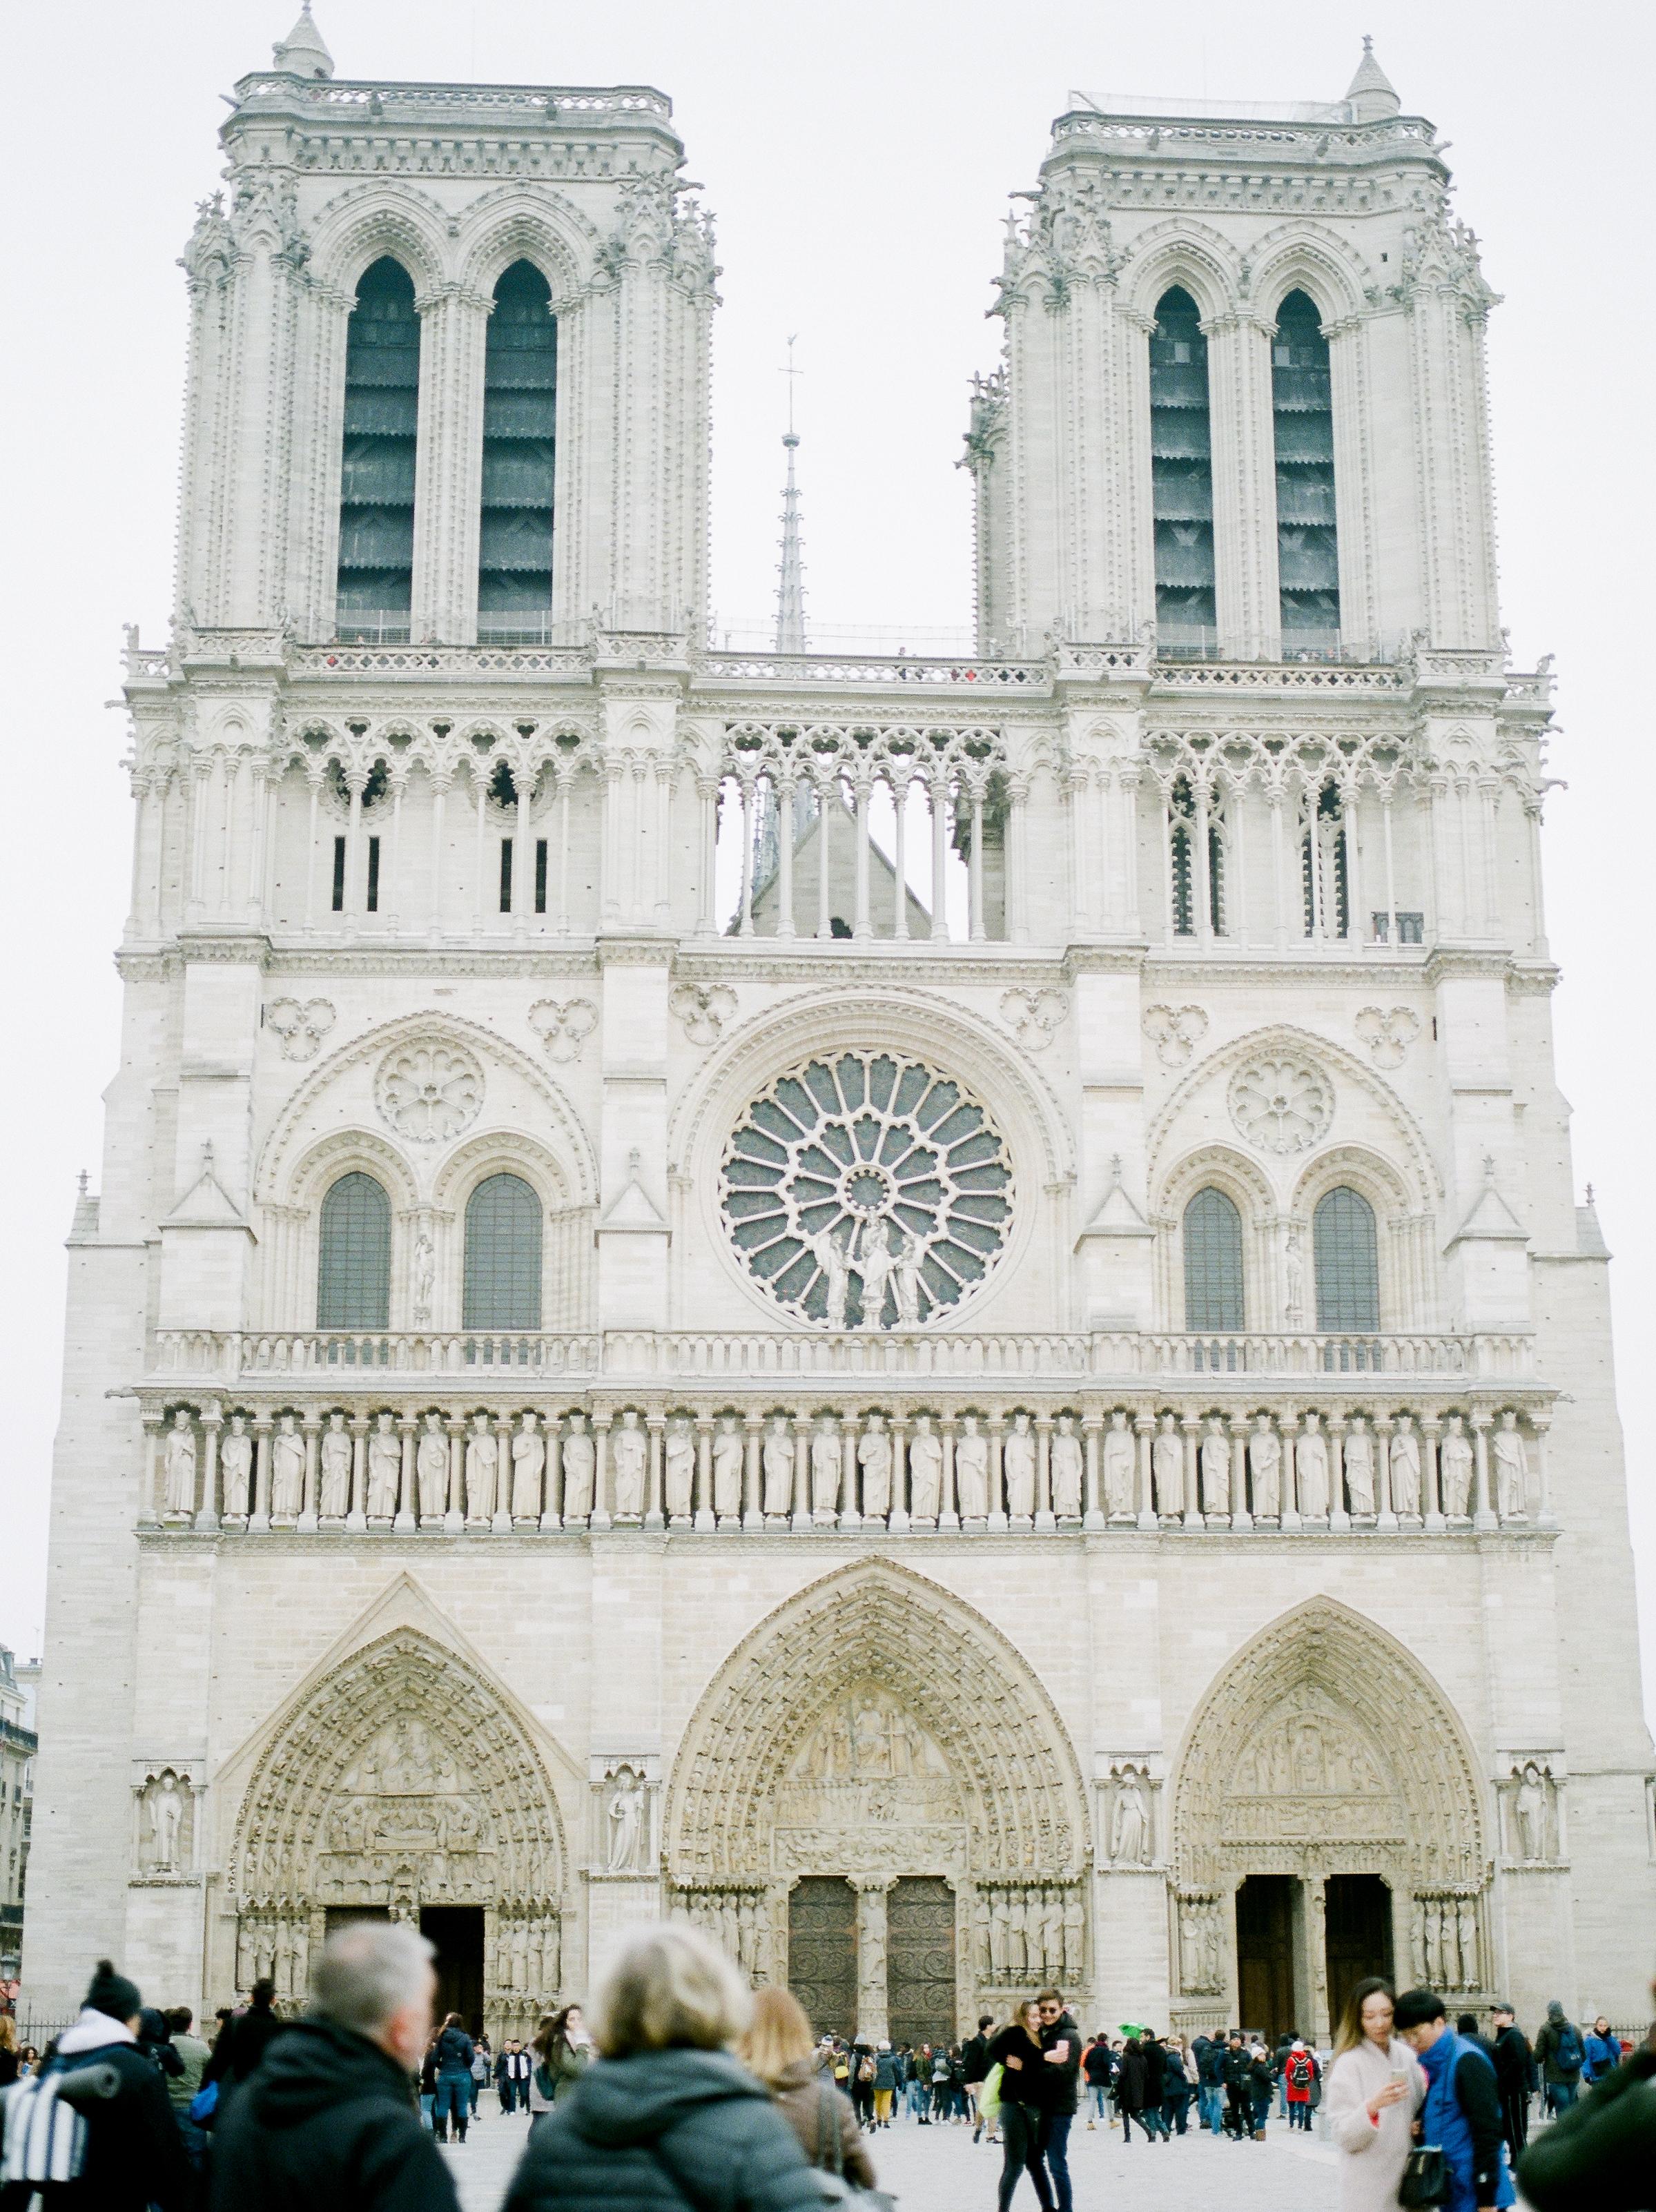 the-famous-cathedral-de-notre-dame-de-paris.jpg